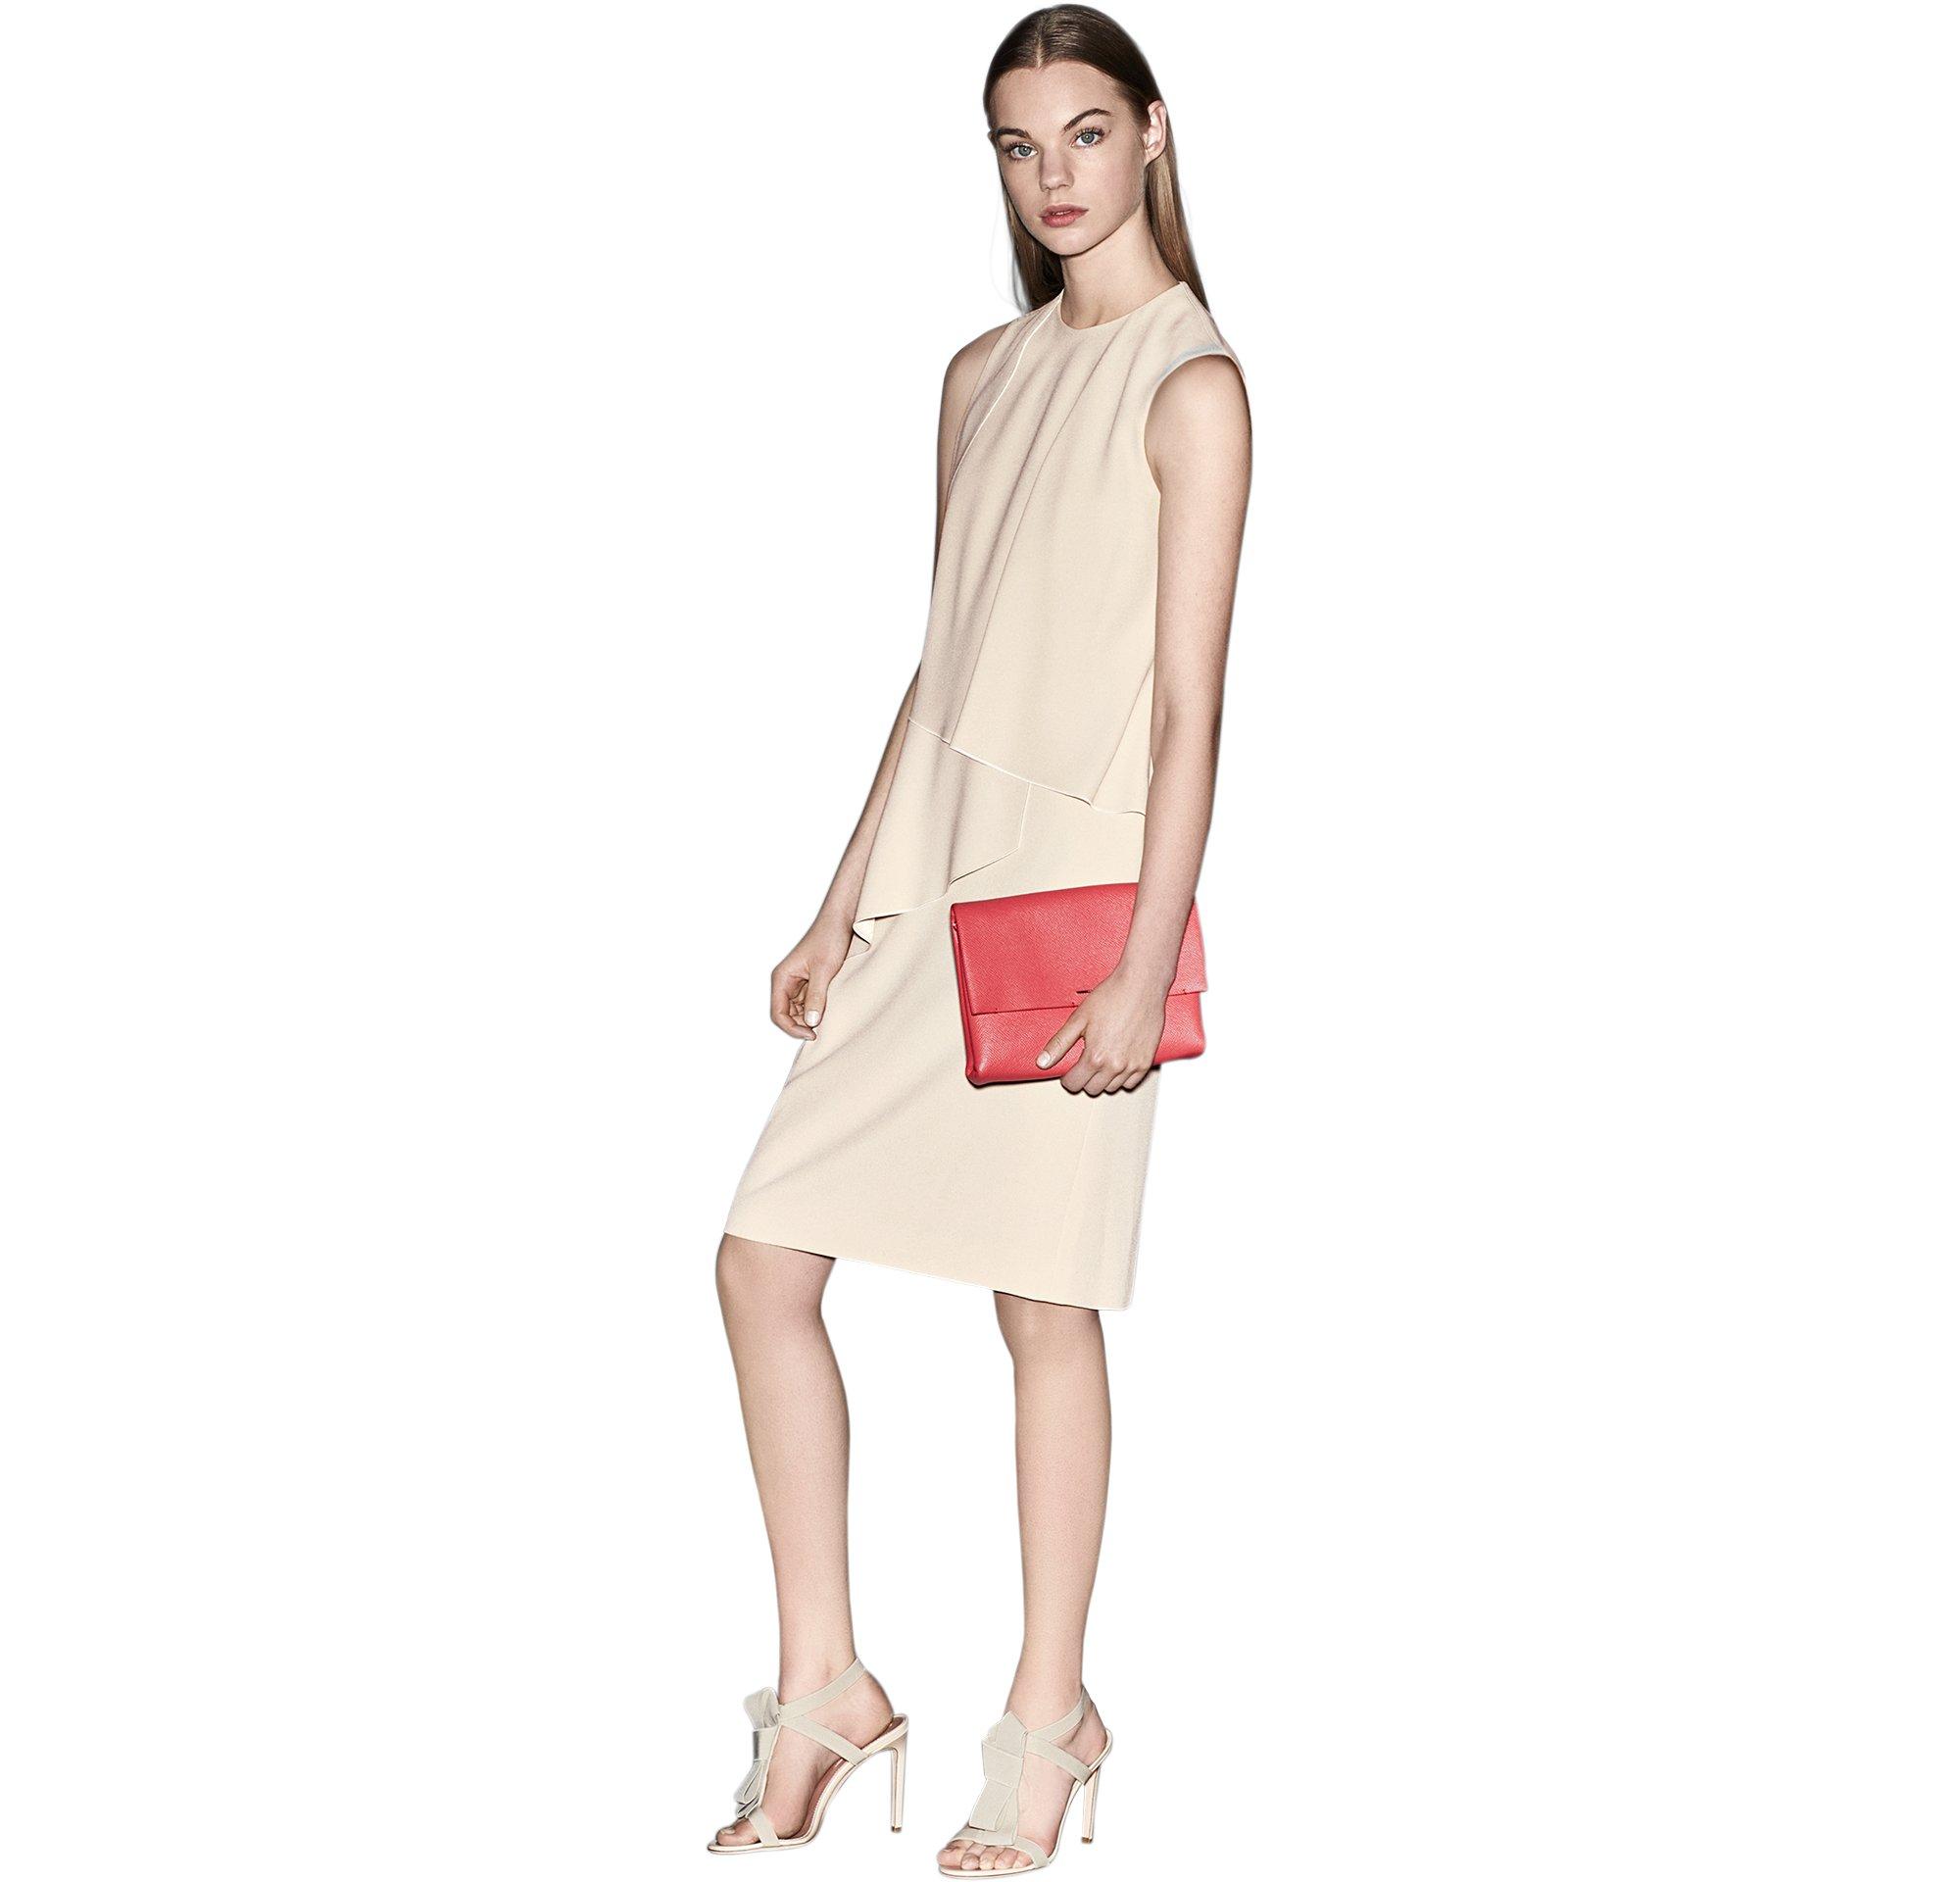 Naturfarbenes Kleid mit dunkelrosa Tasche und naturfarbene Schuhe von BOSS